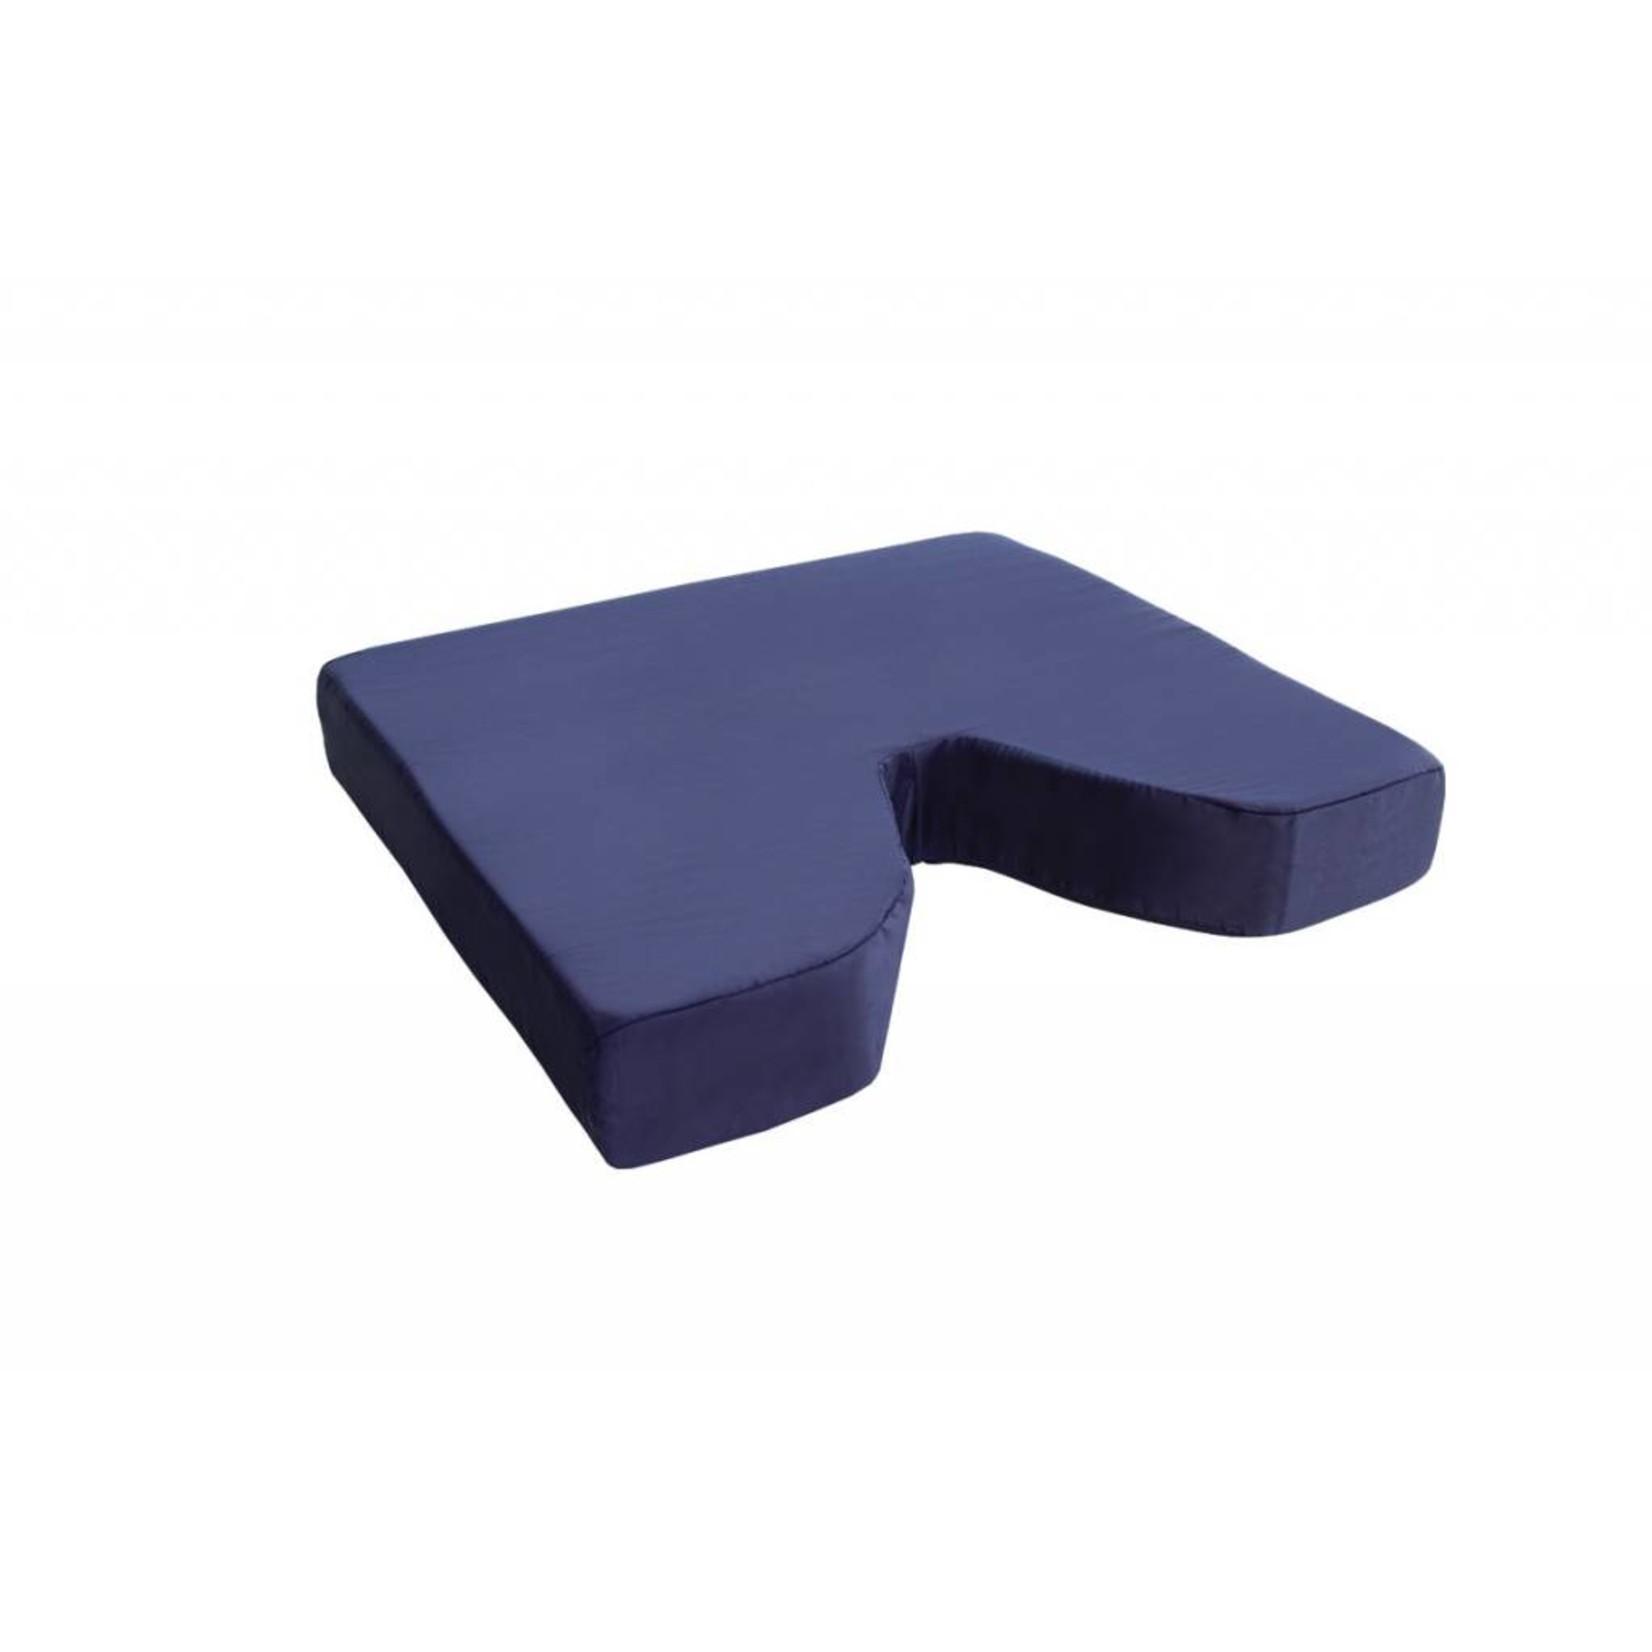 Essential Medical Coccyx Cushion 18x16x3